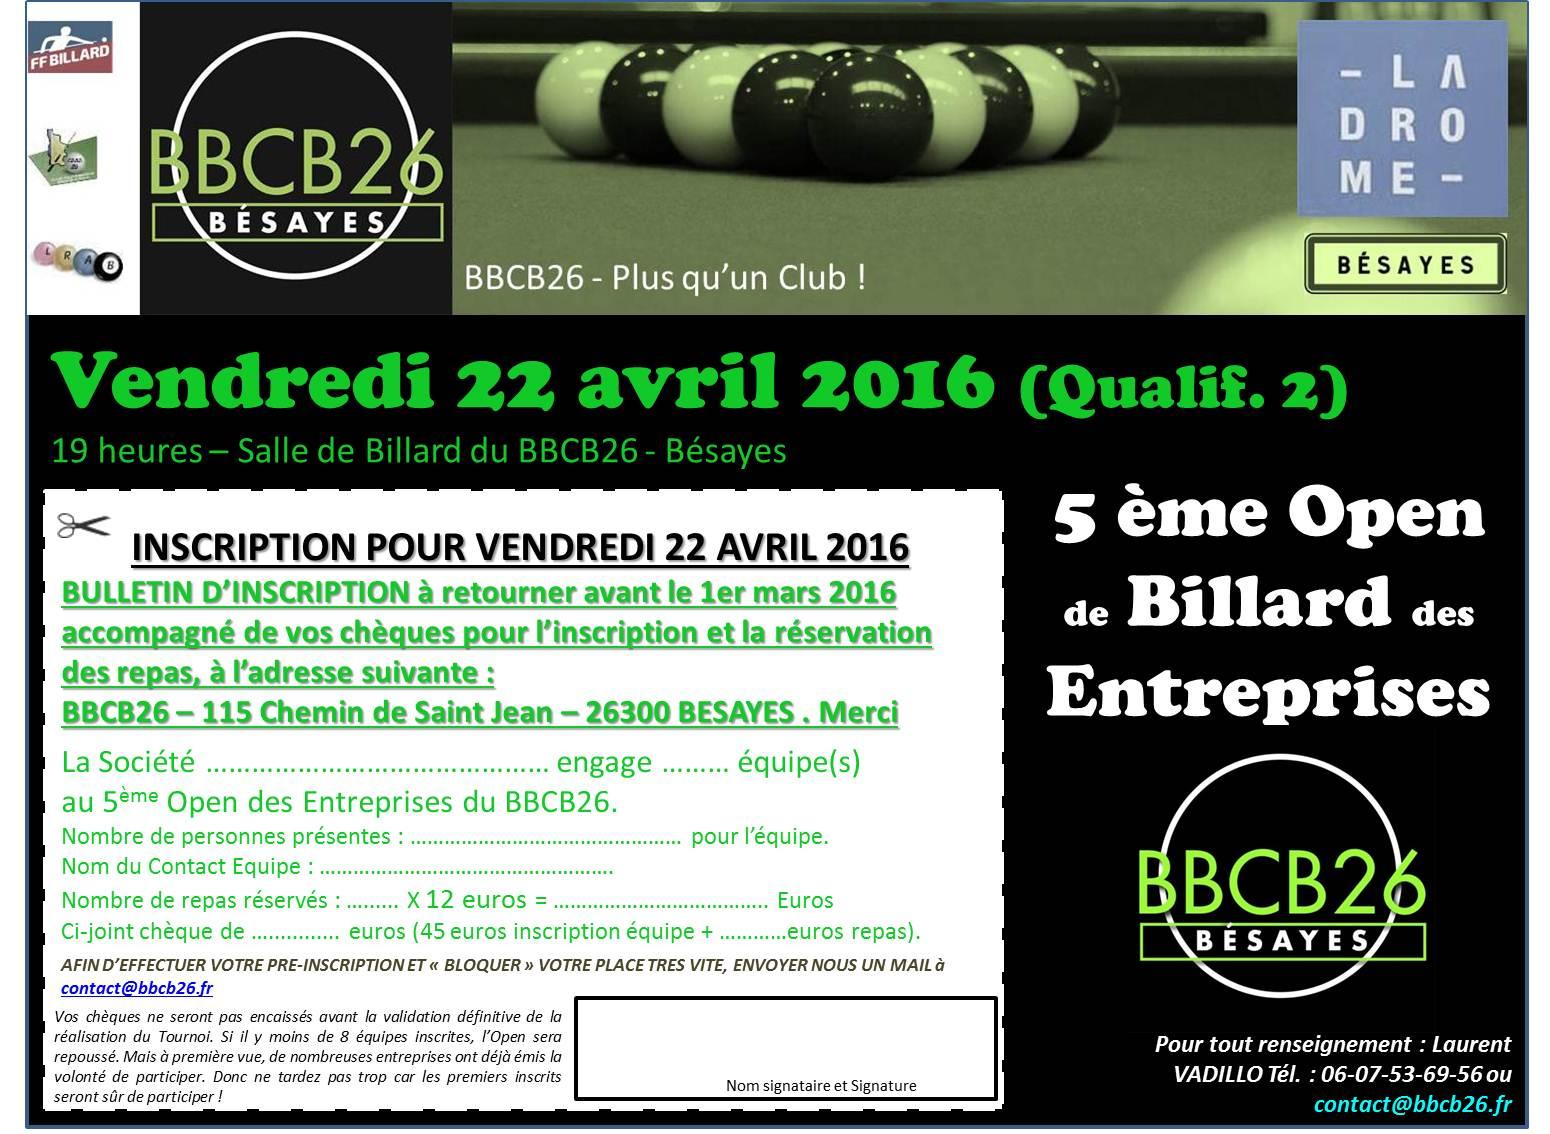 bulletin inscritpion 22-04-16 - Open de Billard des Entretprises BBCB26.jpg